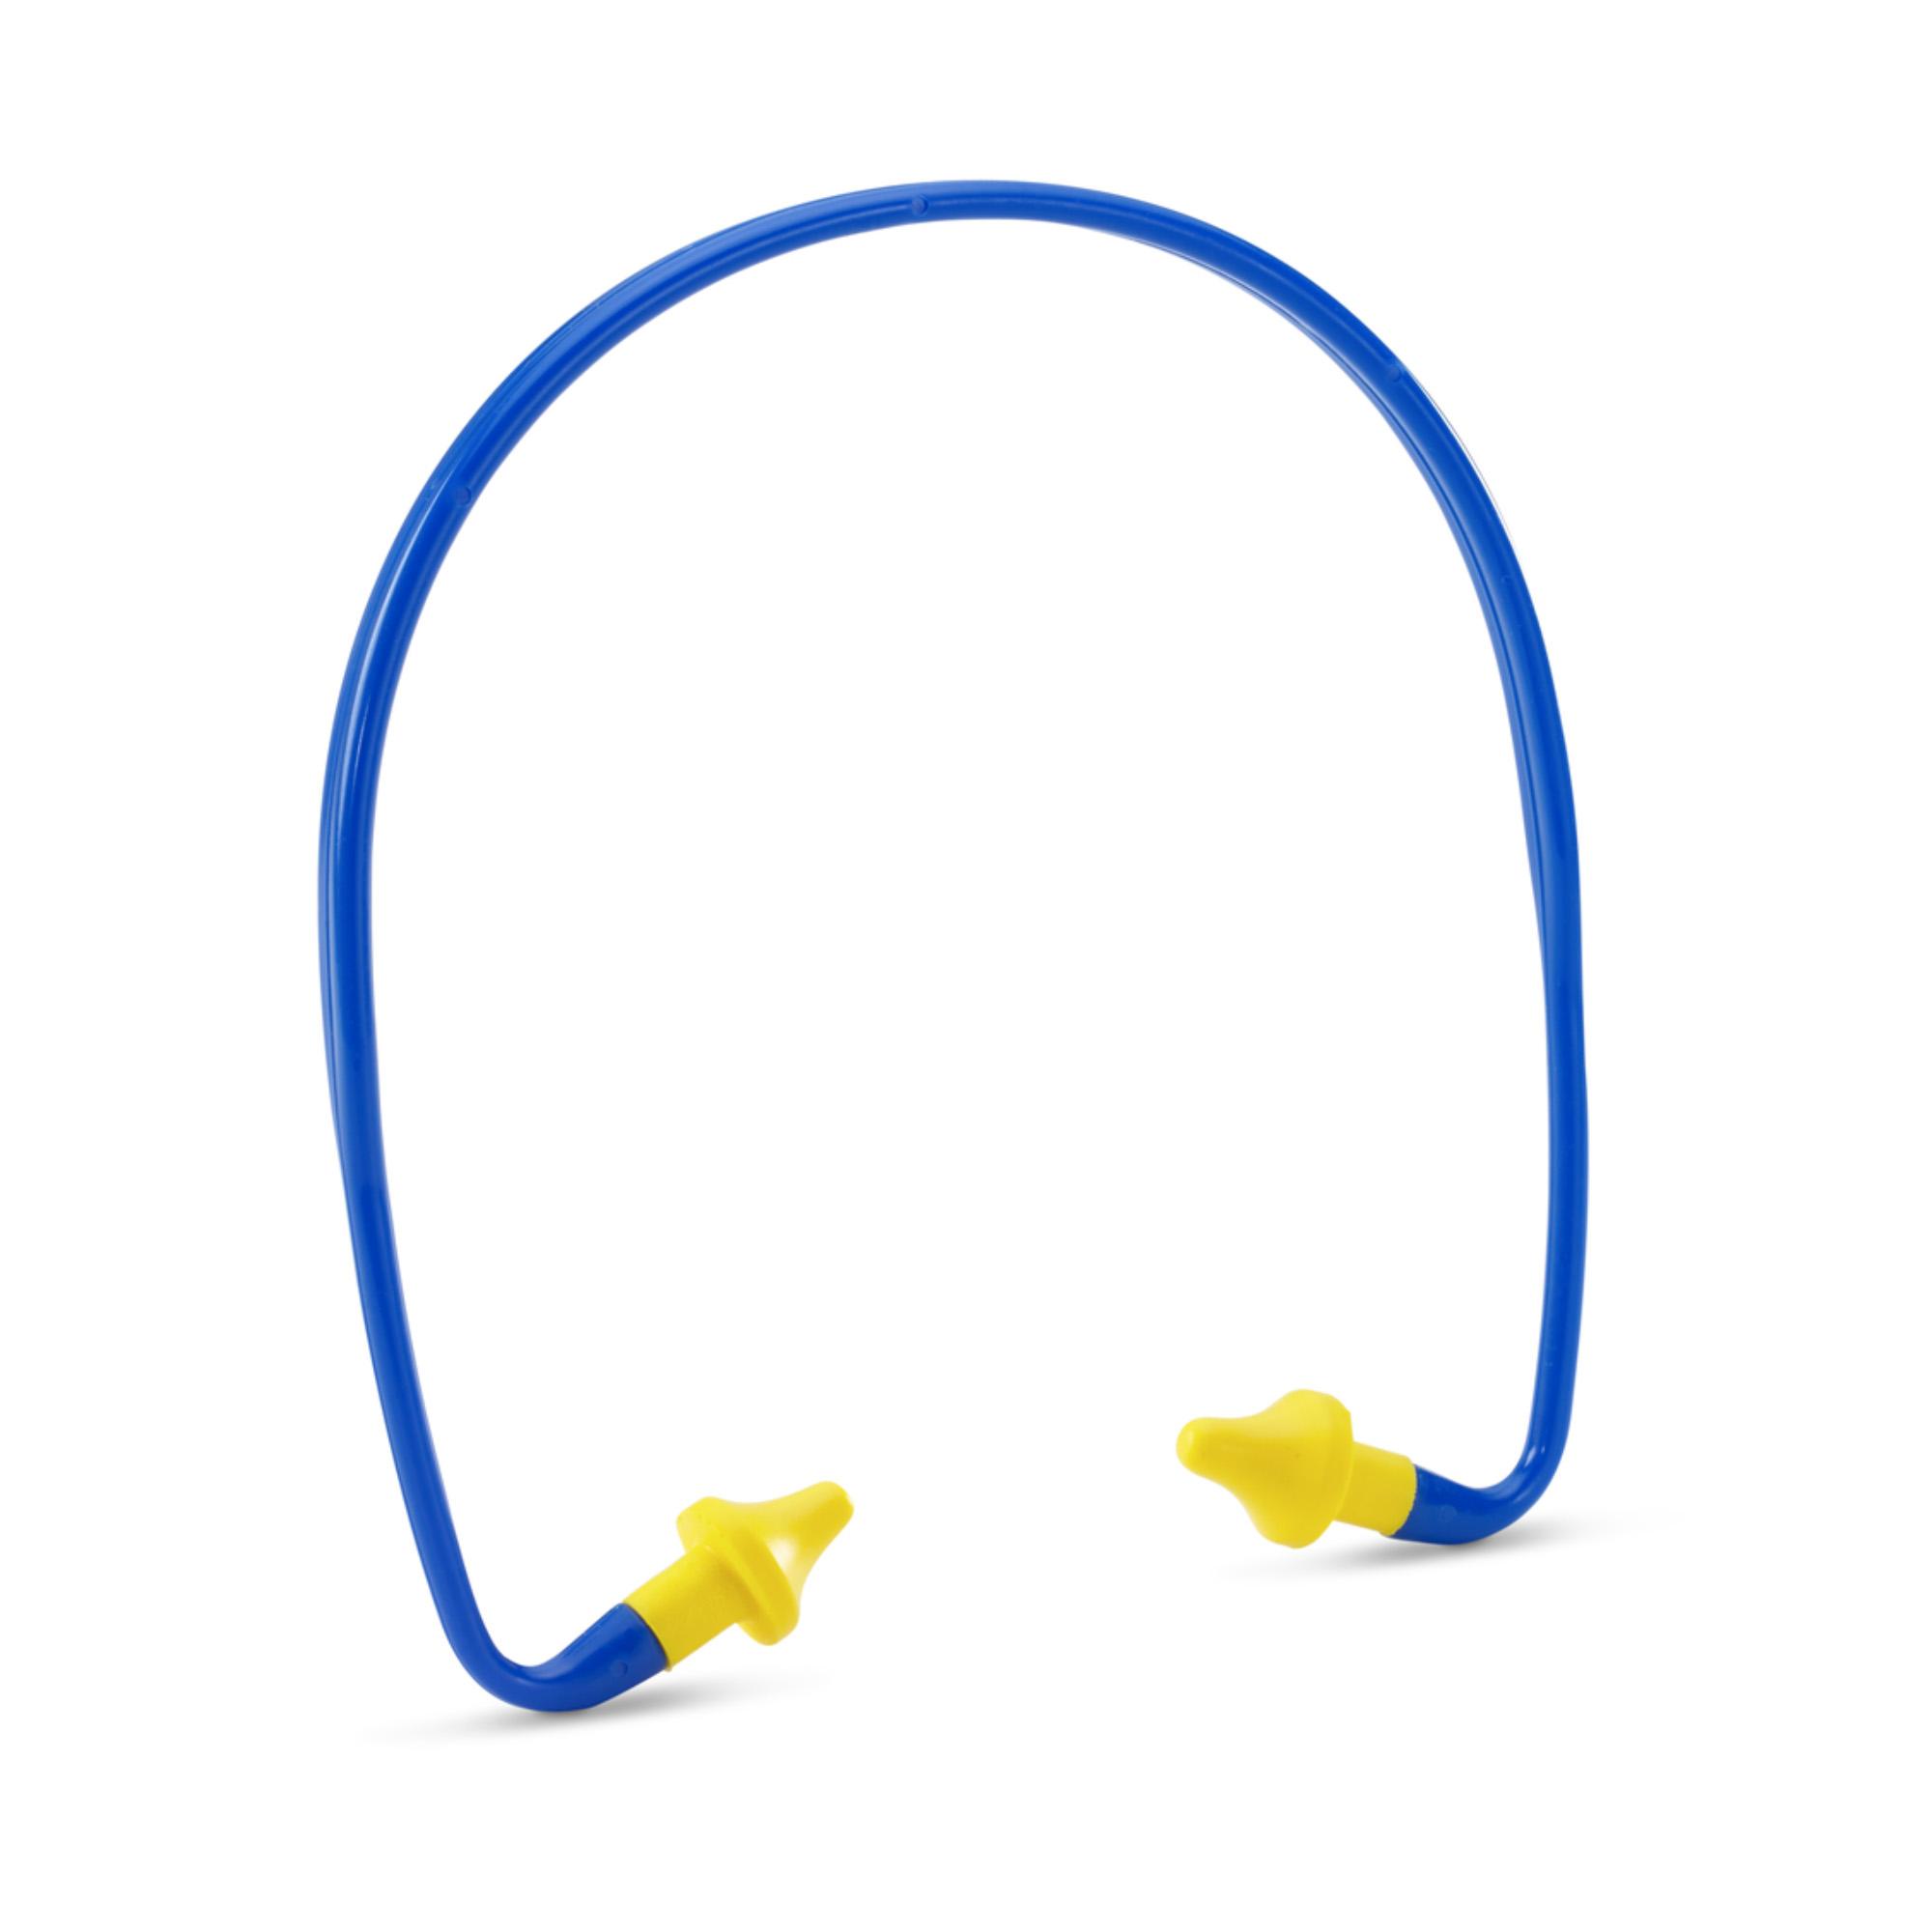 BBBEP - Banded Ear Plug